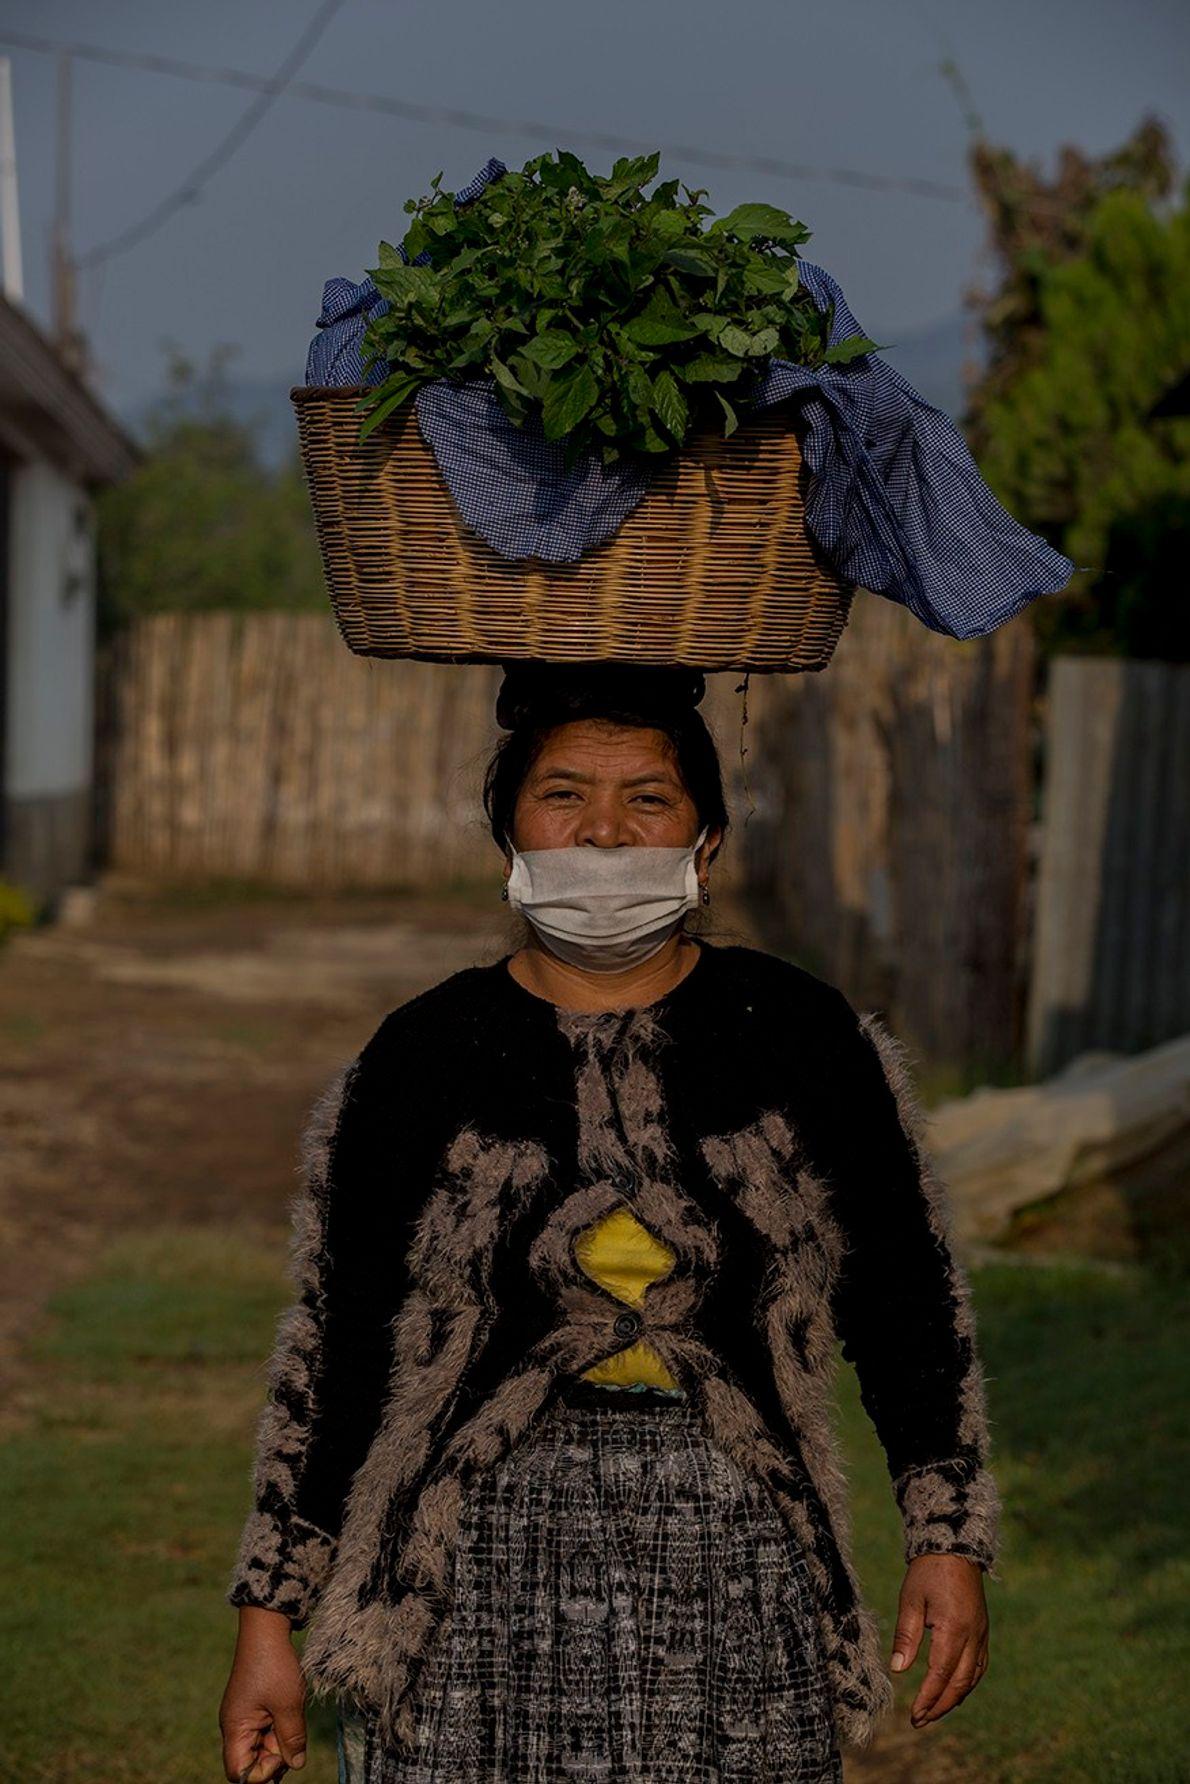 Retrato de Doña Pancha en la comunidad de Tecpán, Guatemala.